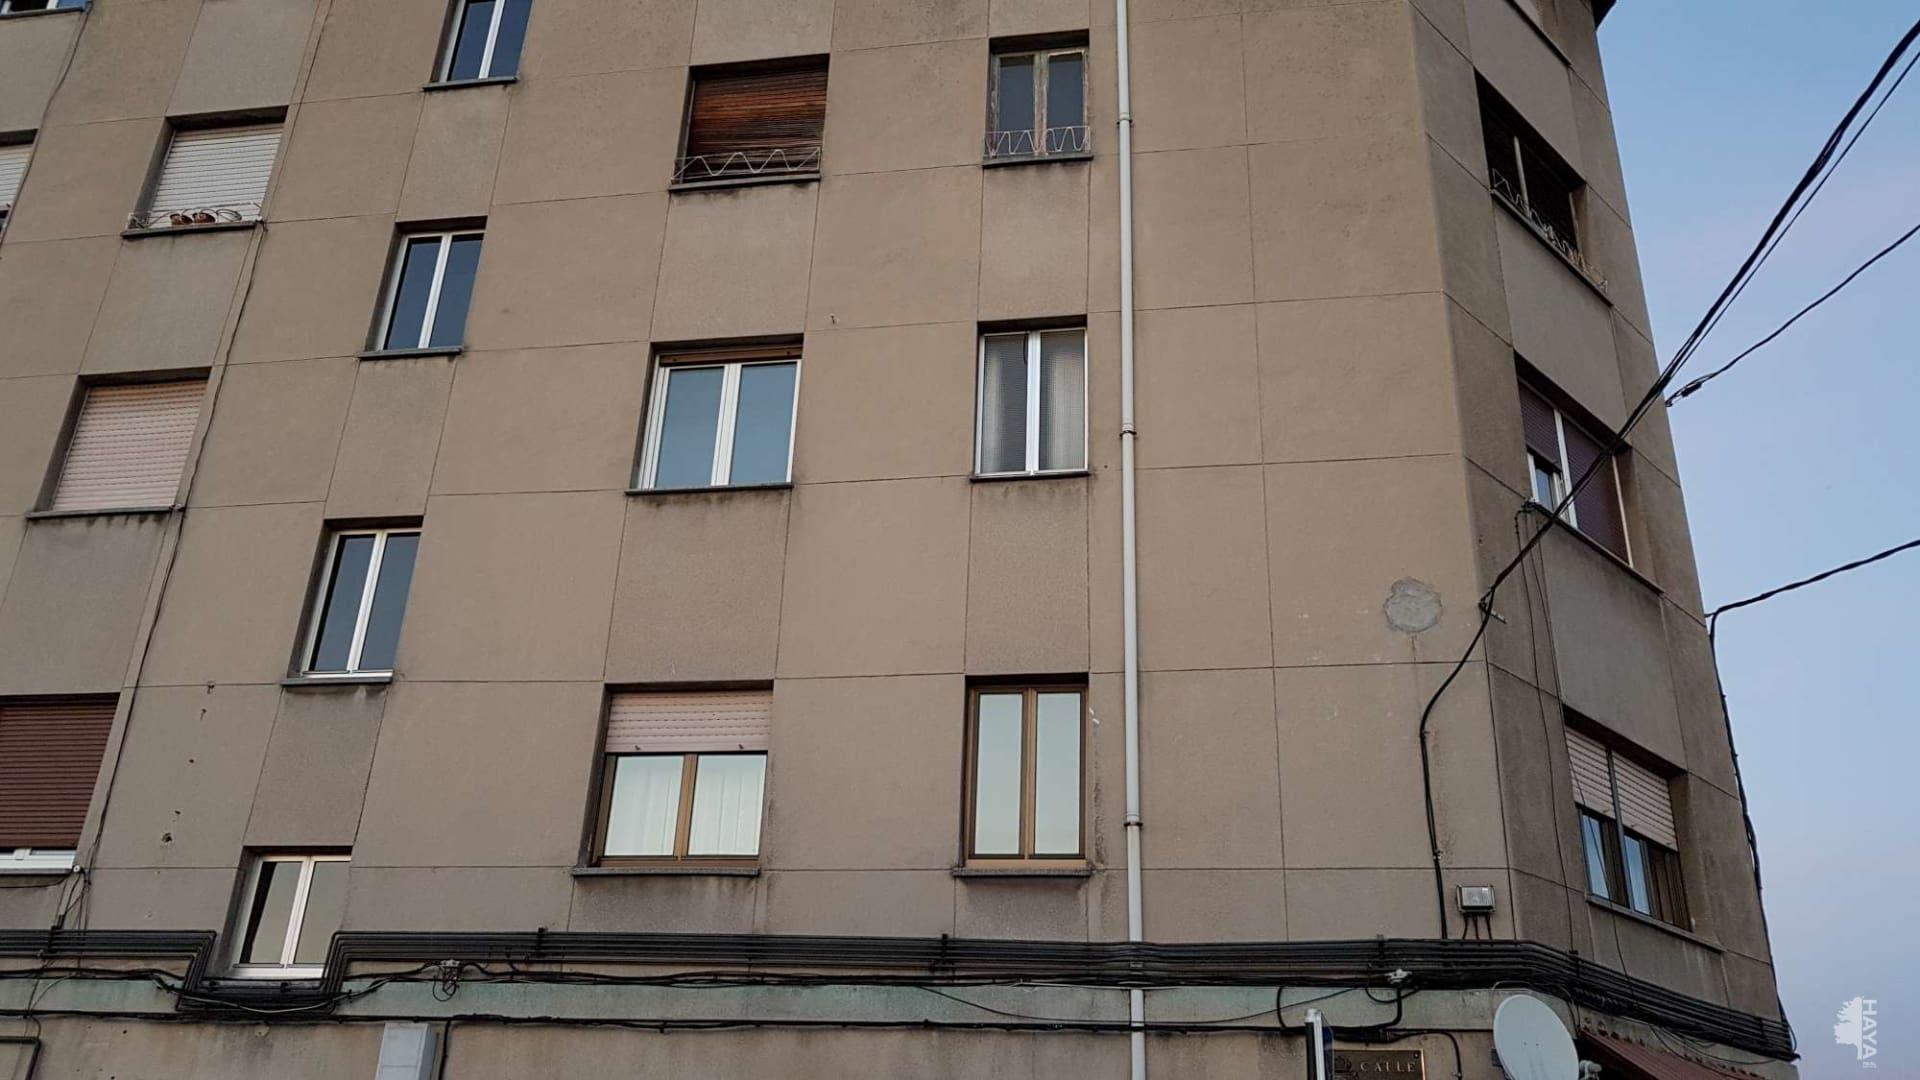 Piso en venta en Oviedo, Asturias, Calle Huerta de Otero, 38.609 €, 3 habitaciones, 1 baño, 82 m2